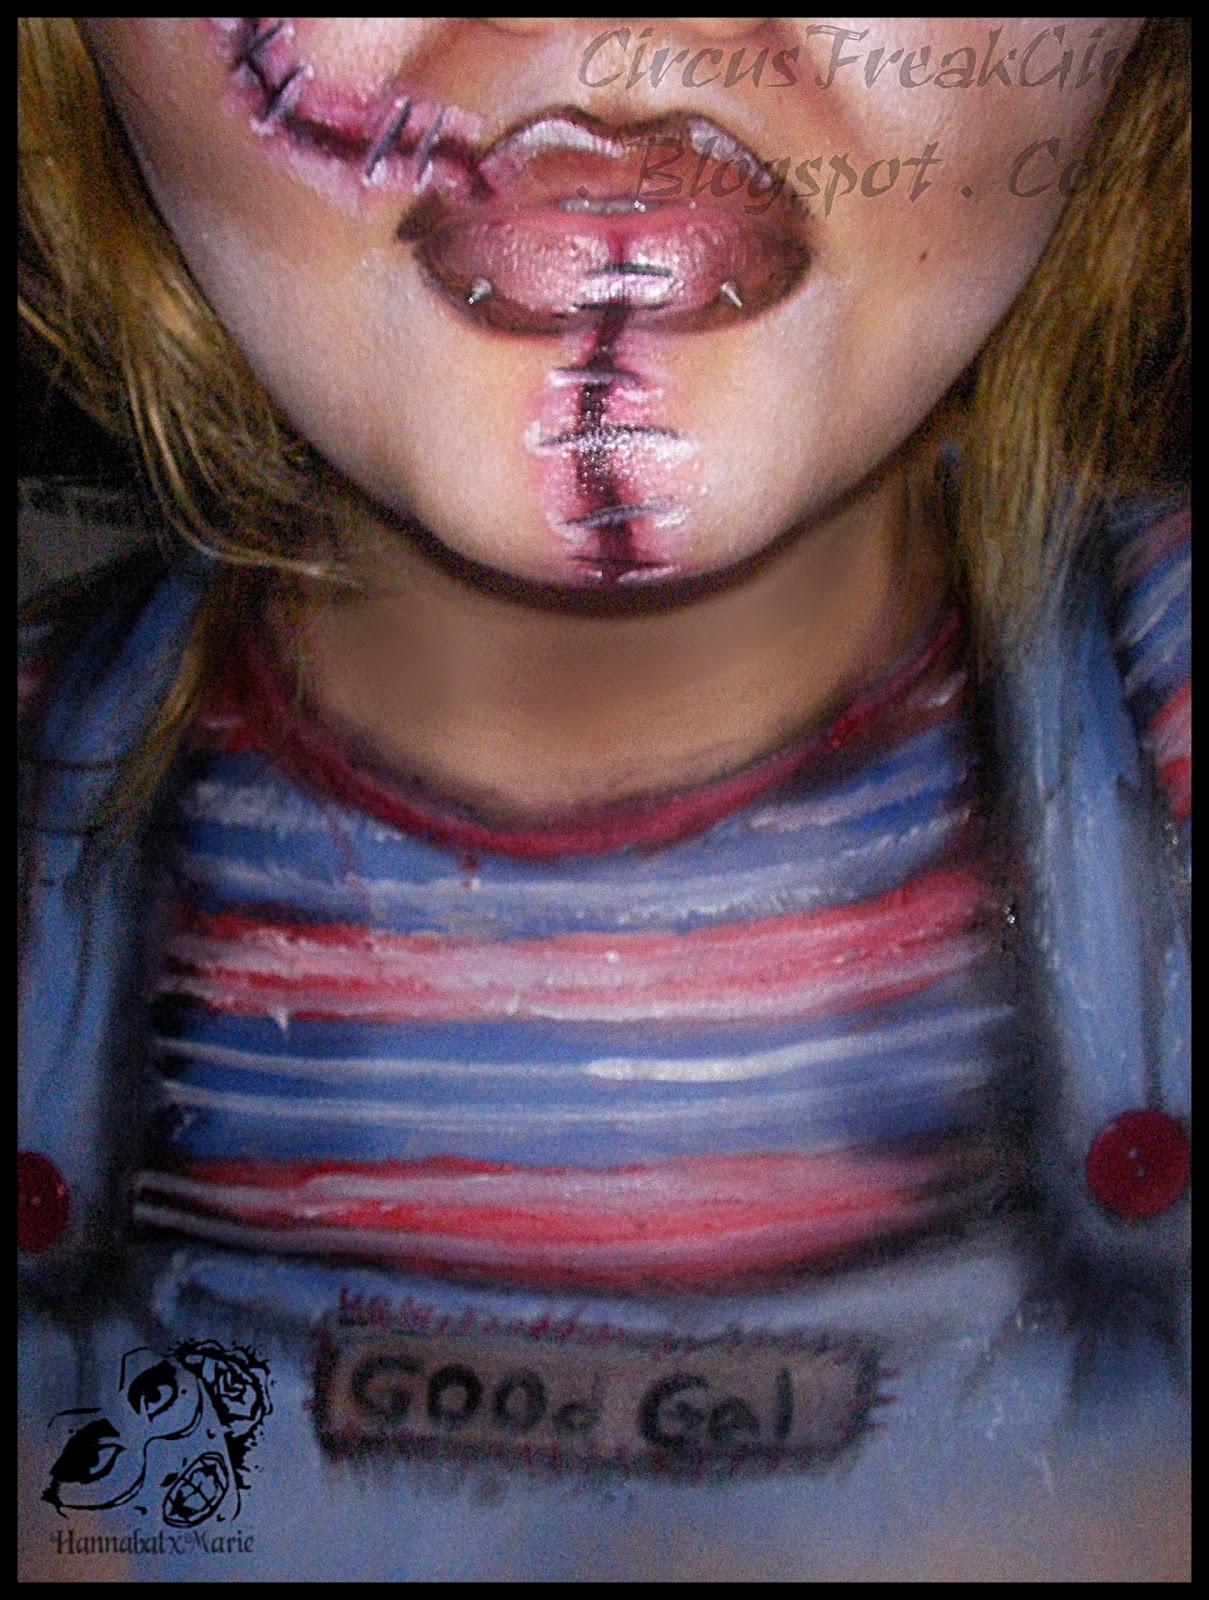 Hannabal Marie Female Chucky Makeup Look